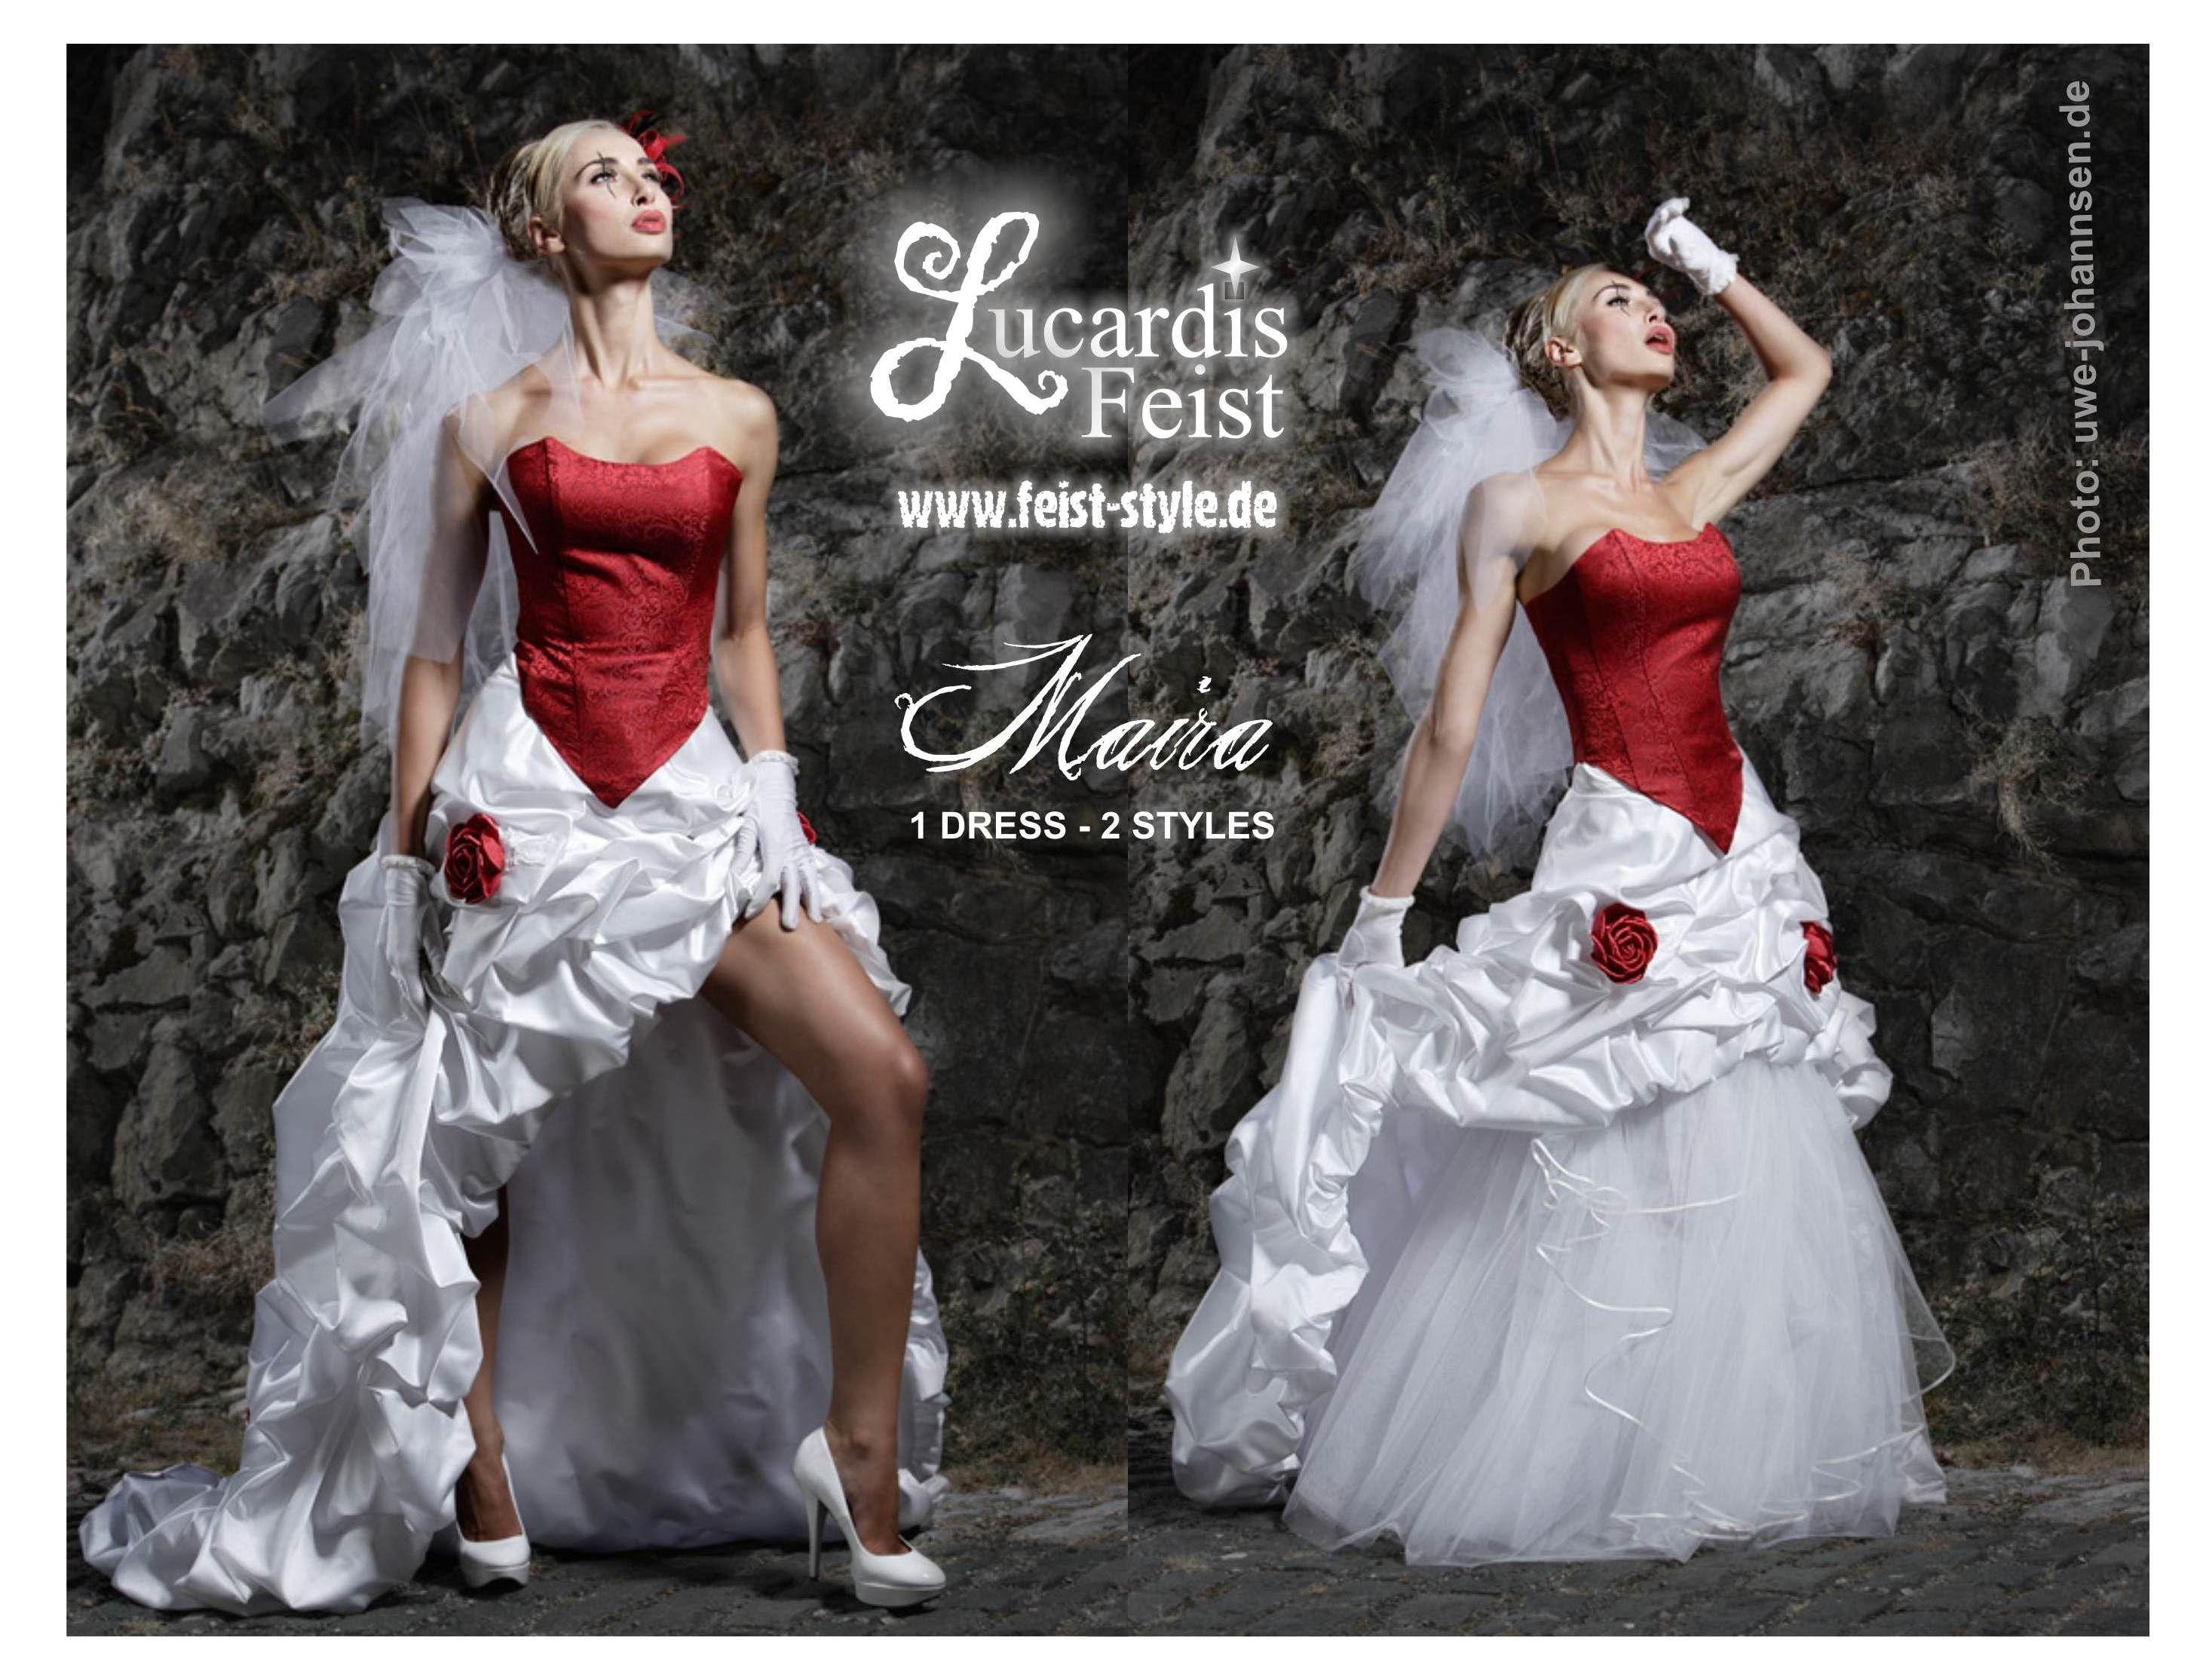 Lucardis Feist - Besondere Brautmode. Extravagantes Brautkleid in Rot/Weiss. Duo Dress (kurz und lang zu tragen). Denn Feist Style macht Spass :-)